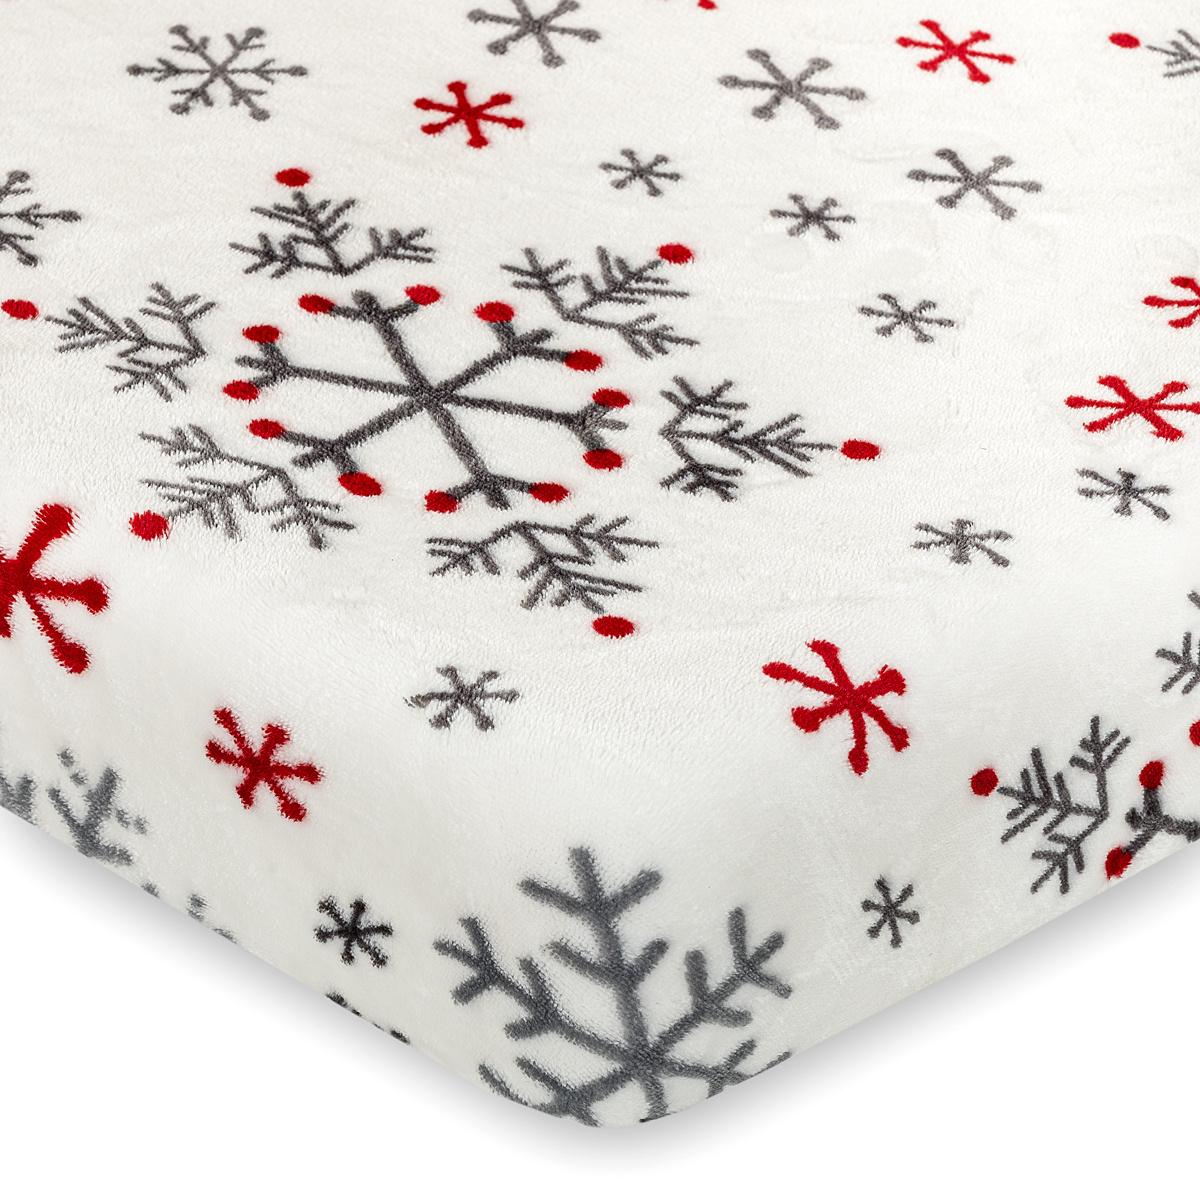 4Home Vánoční prostěradlo mikroflanel Snowflakes, 90 x 200 cm